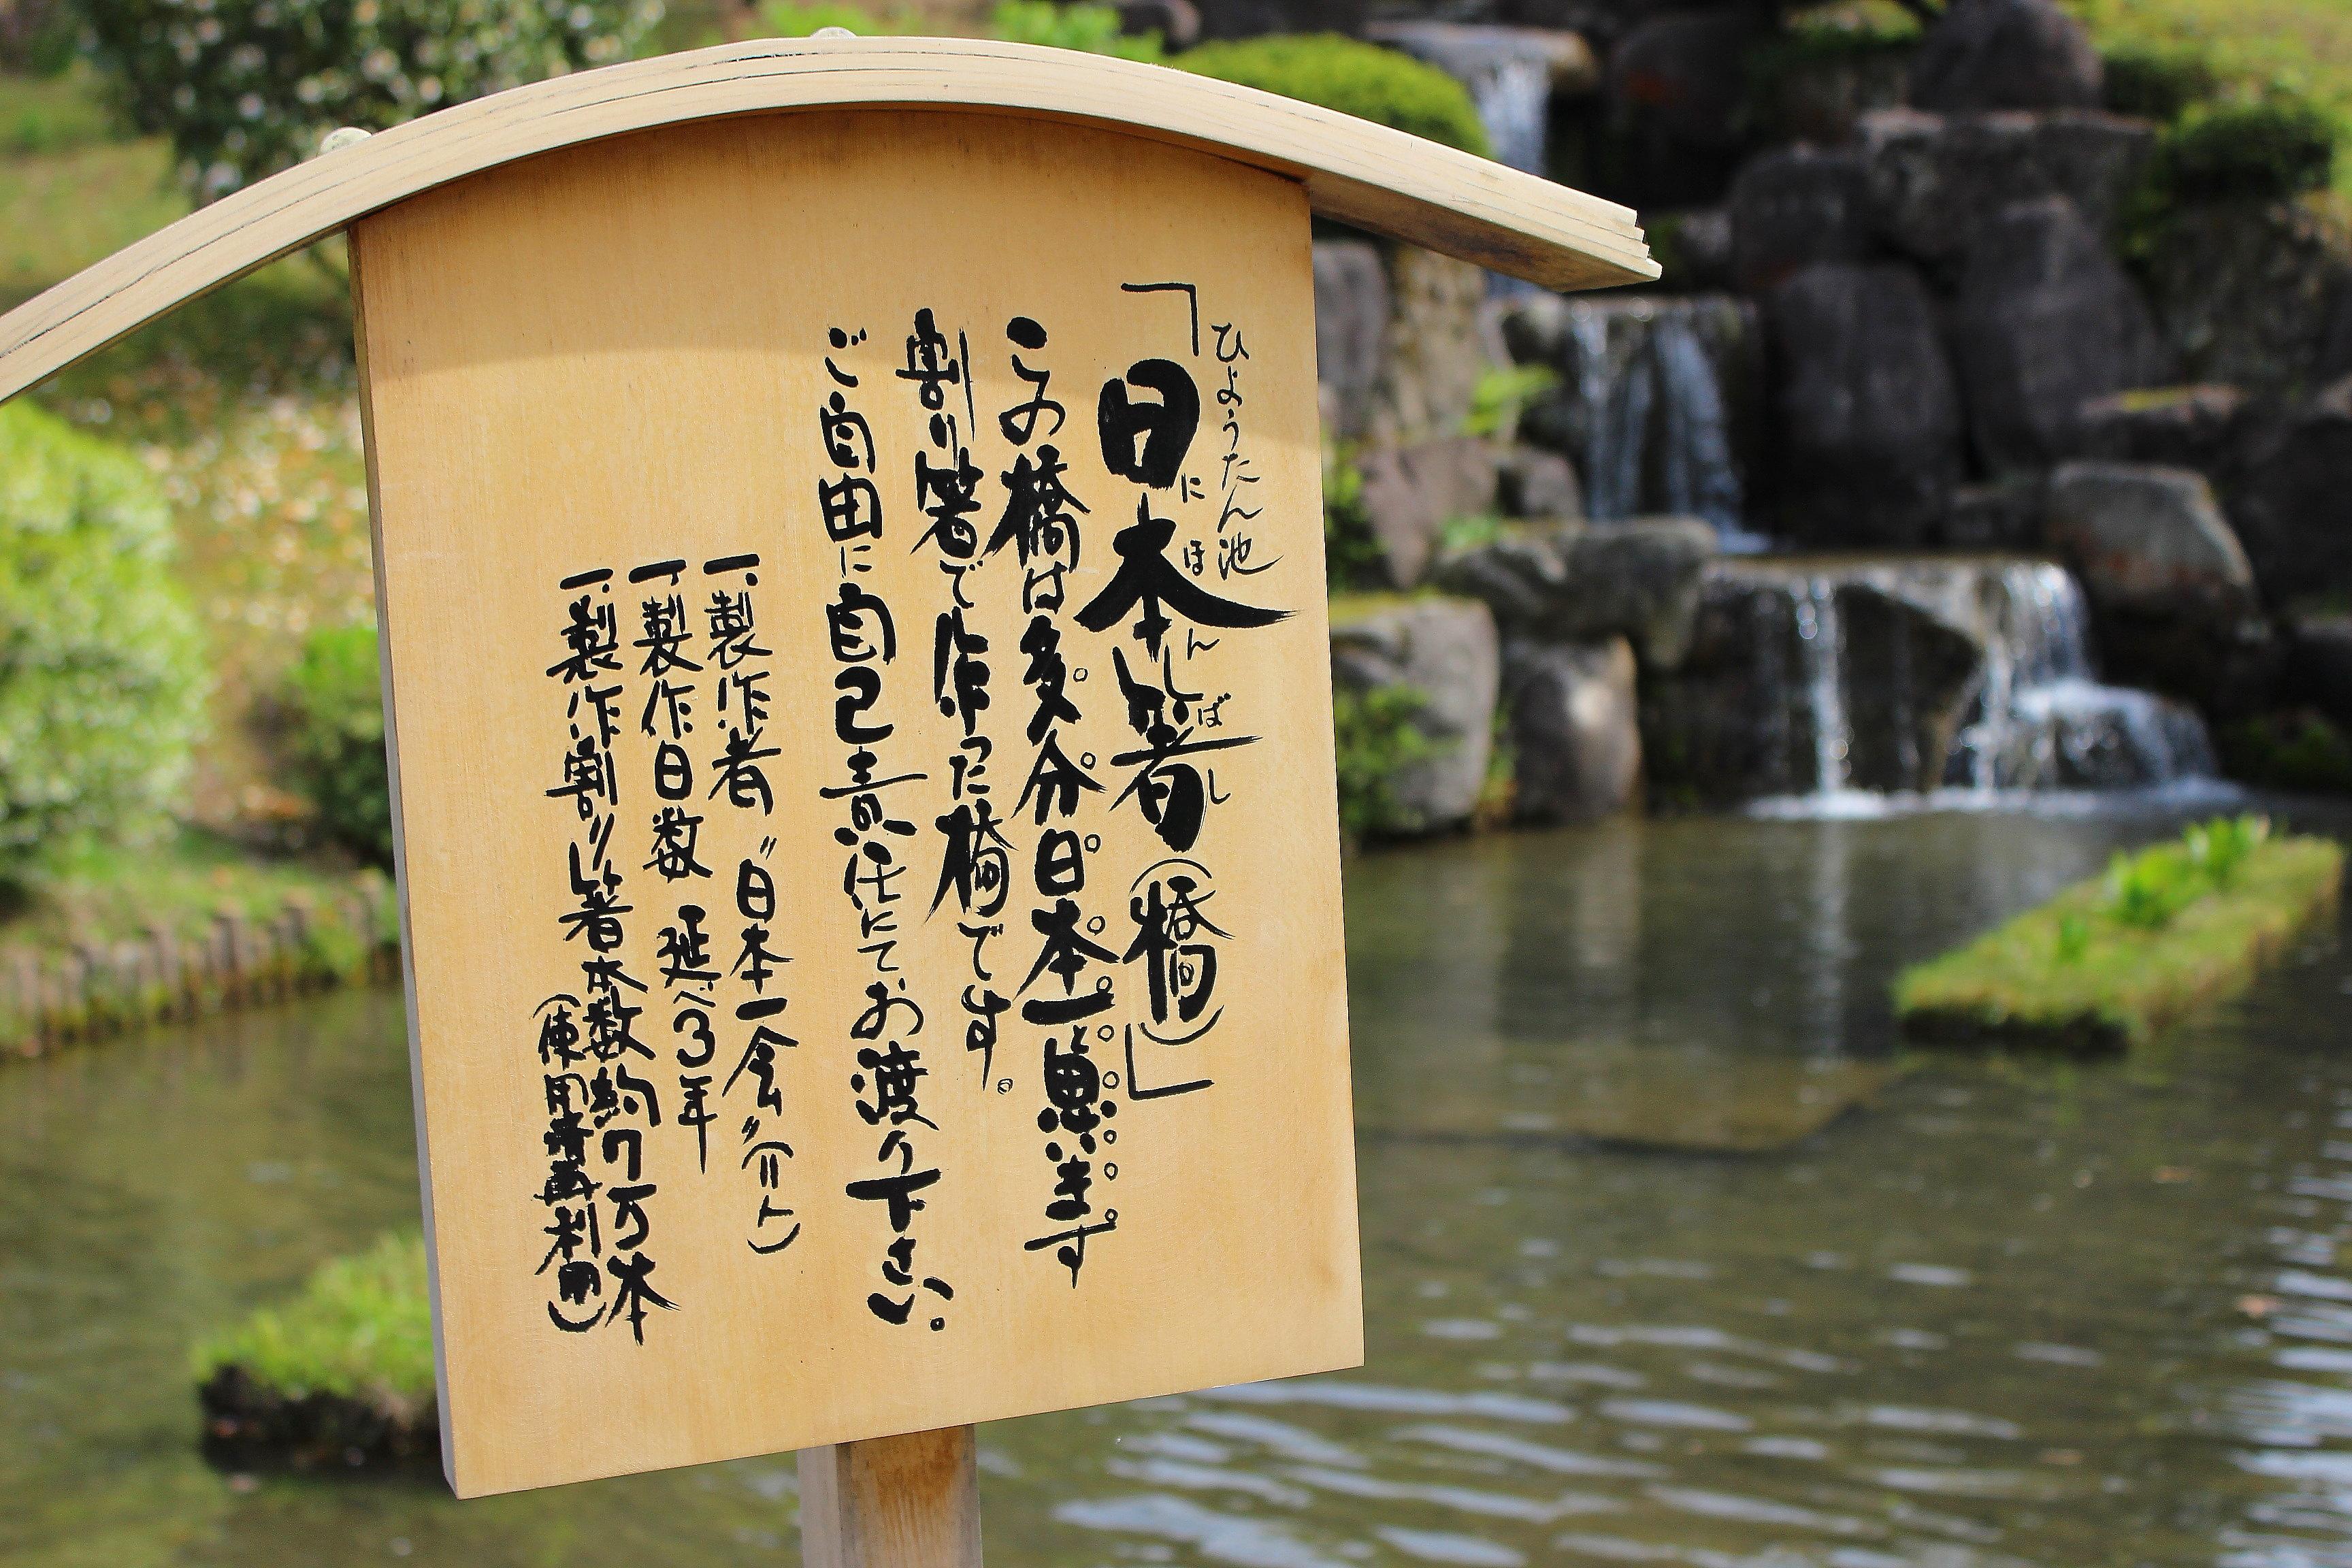 【庄川水記念公園】砺波にある日本一の割り箸で作った橋に行ってきた